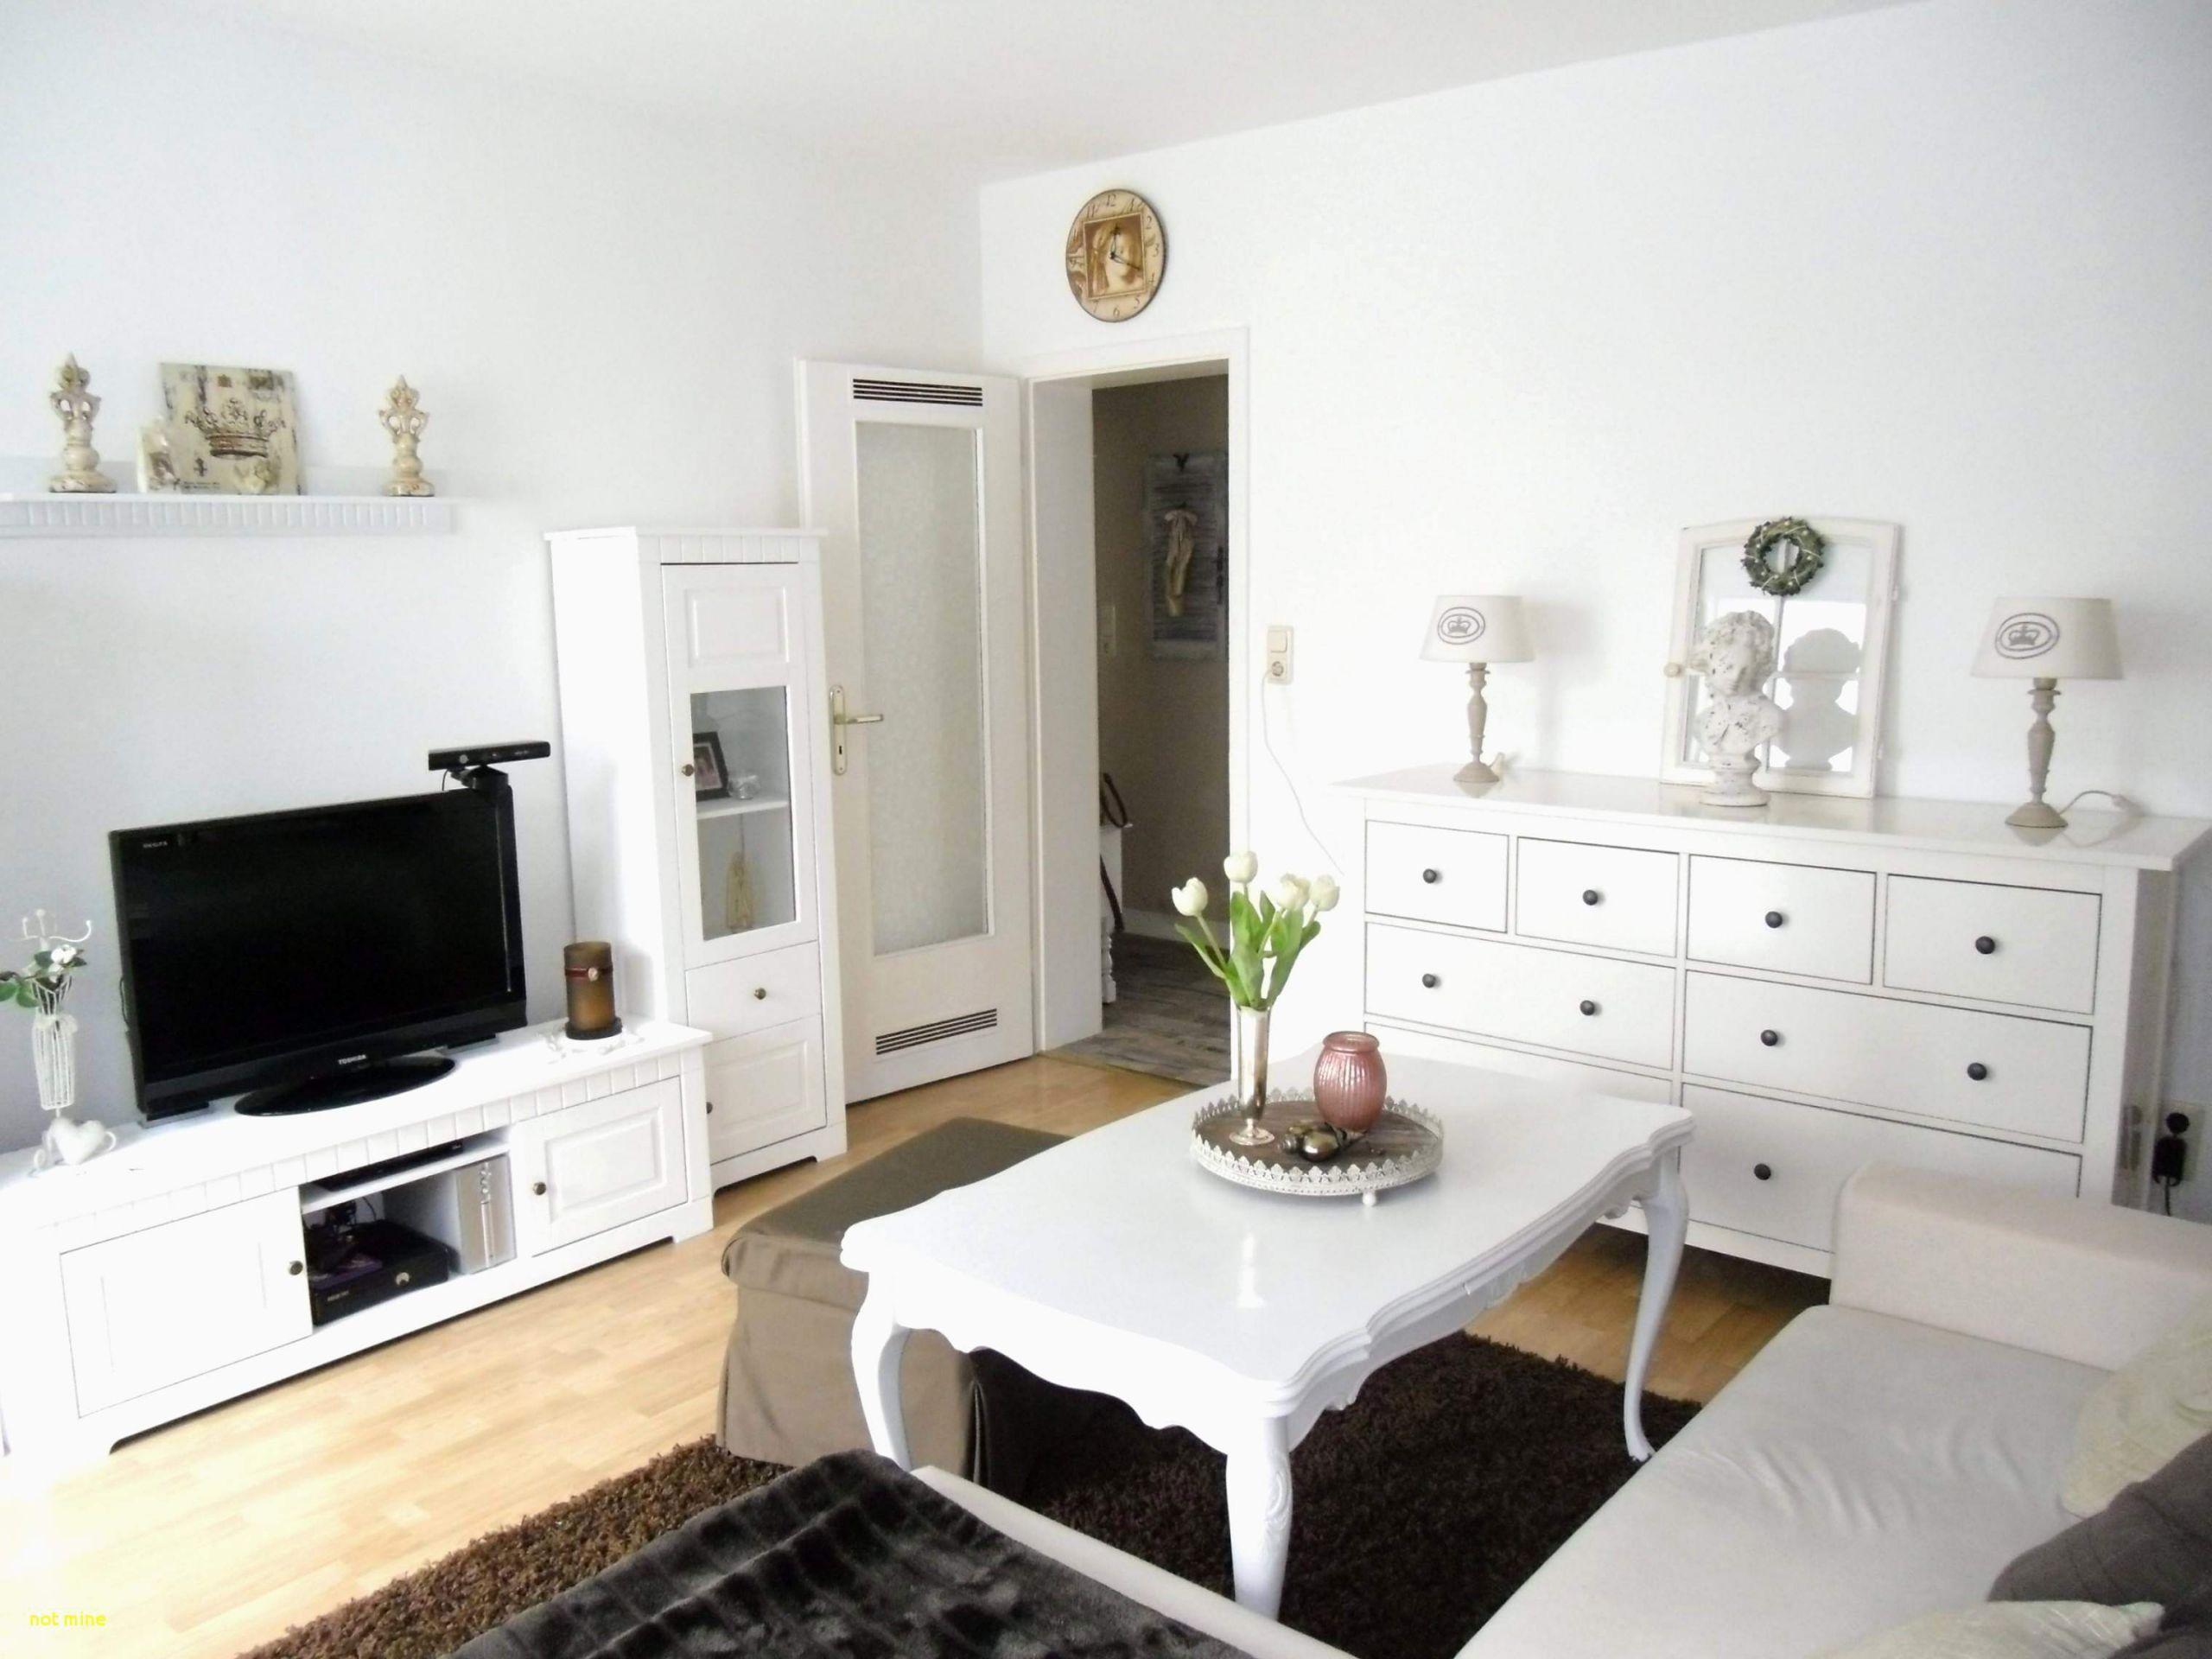 dekoration wohnzimmer ideen frisch luxus mobel wohnzimmer design besten ideen ses jahr of dekoration wohnzimmer ideen